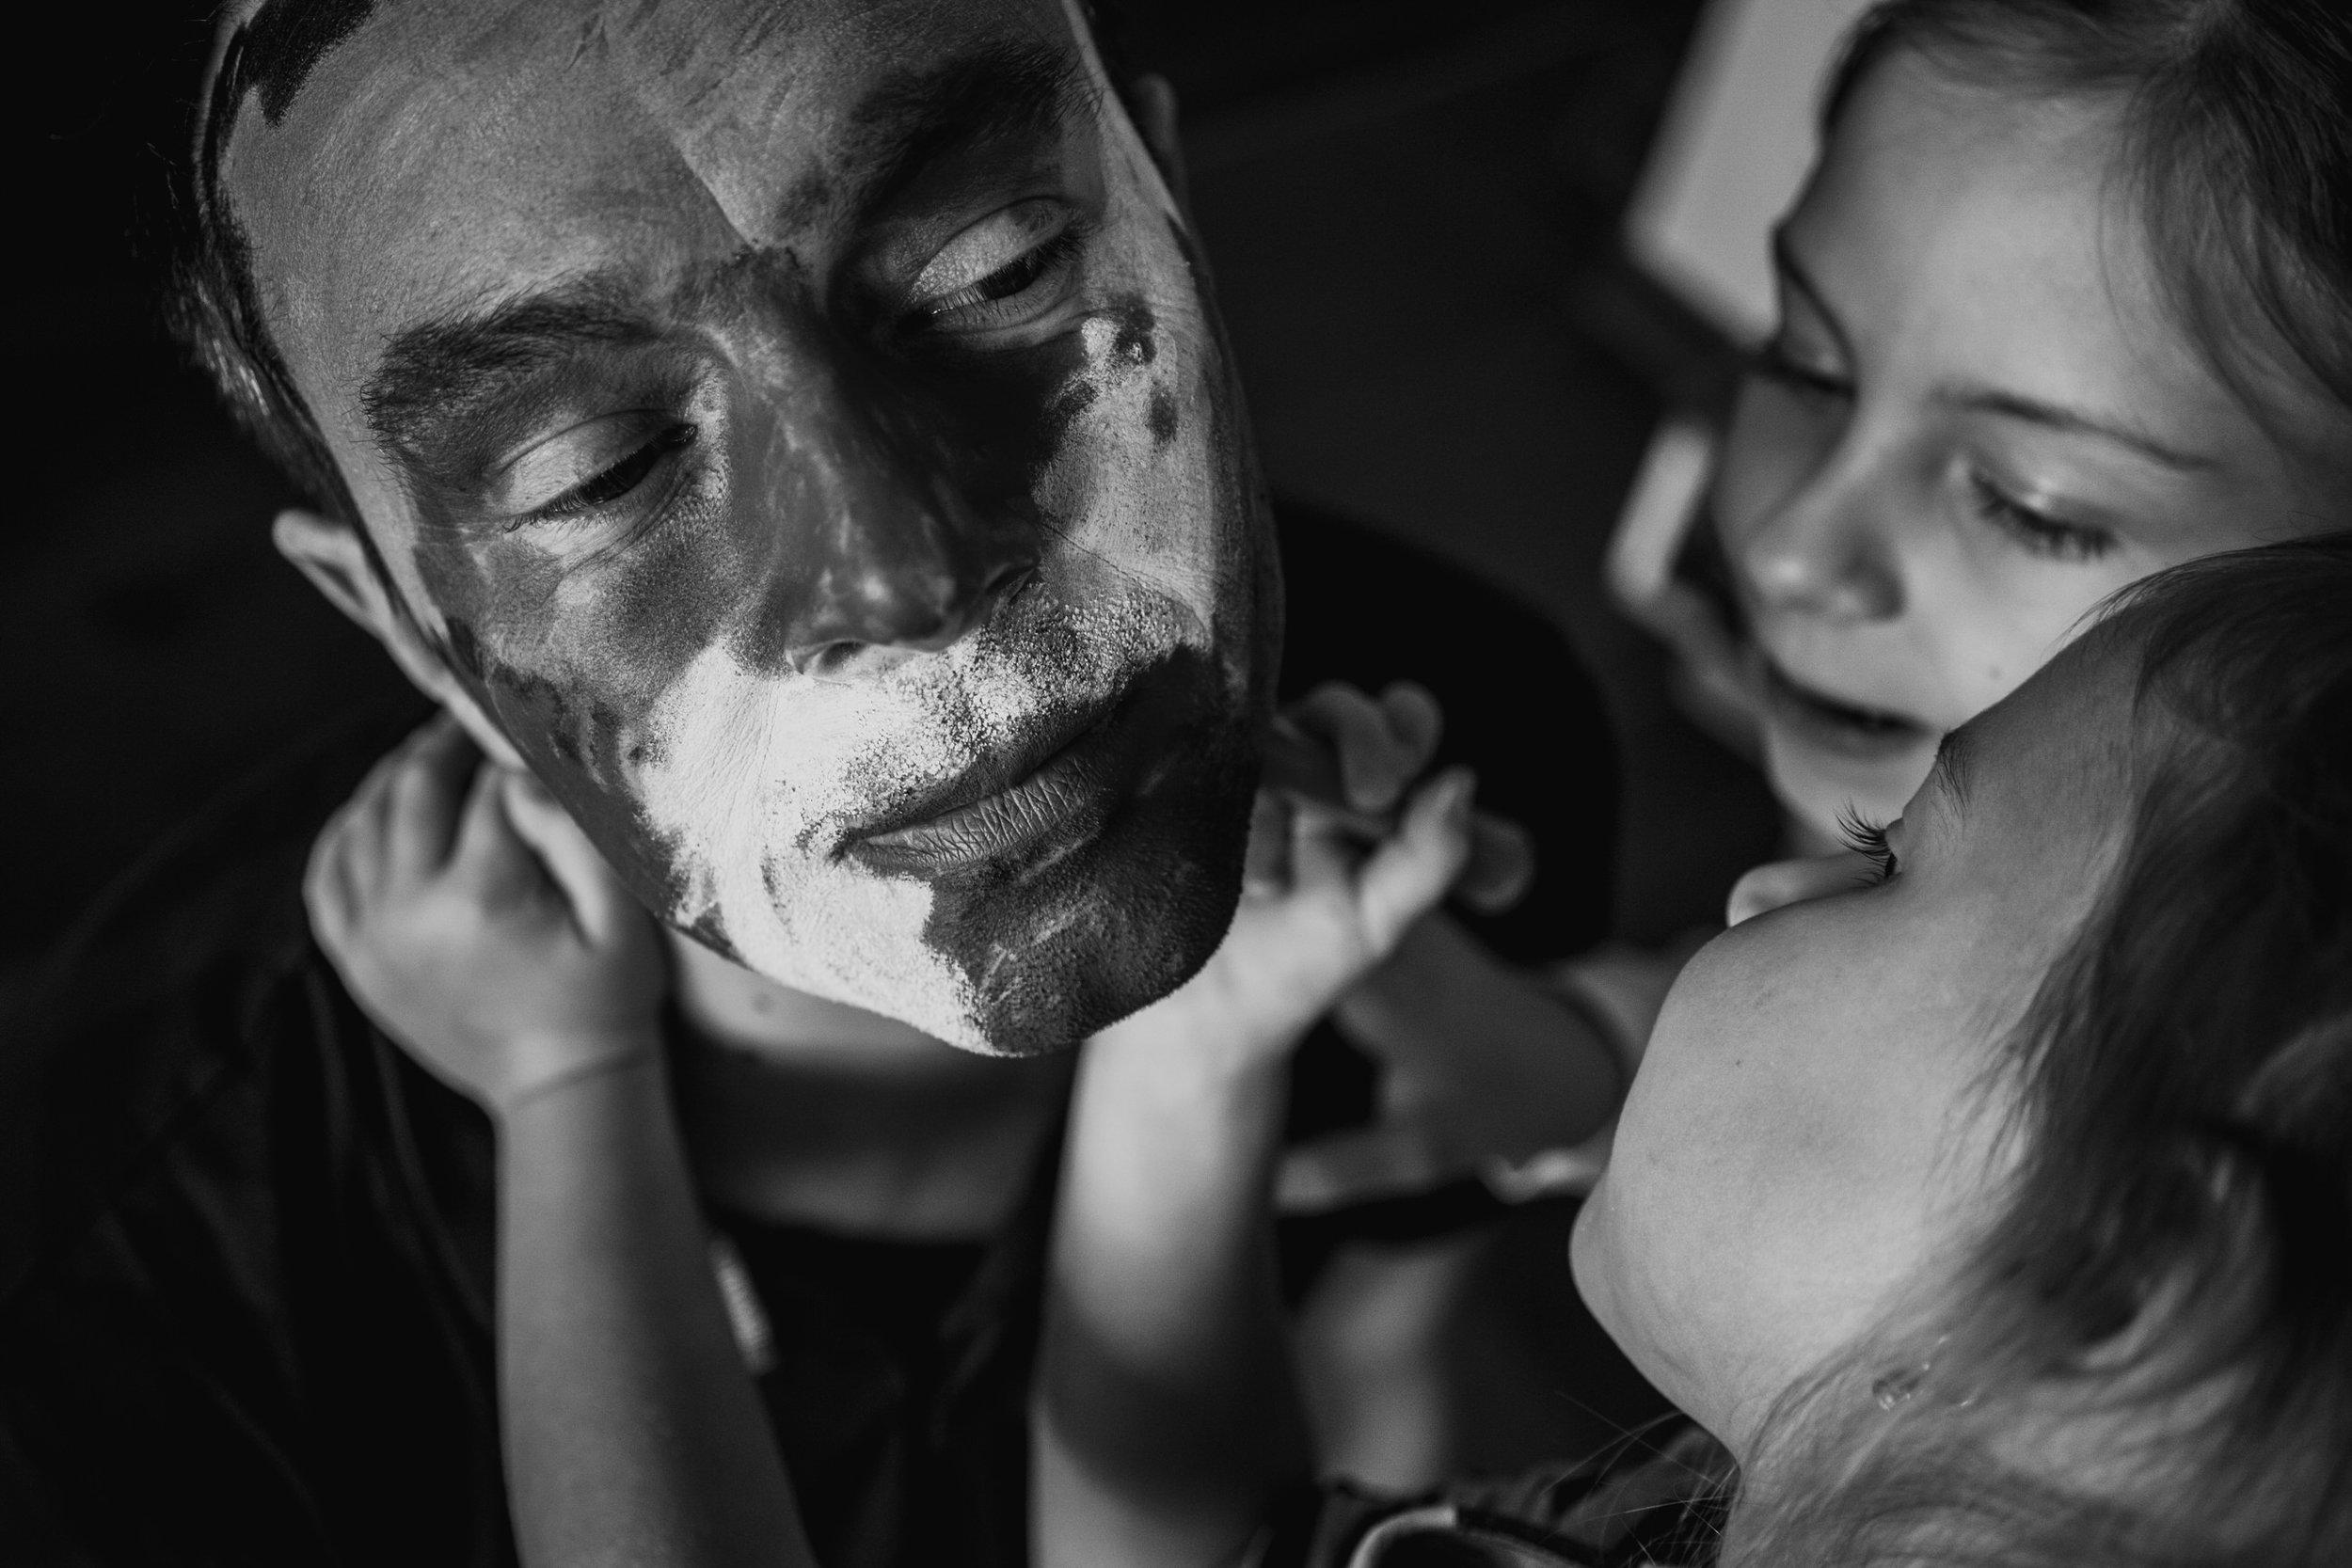 Eines meiner besten Familienfotos aus einem Babybauchshooting - Töchter schminken drinnen ihren Papa